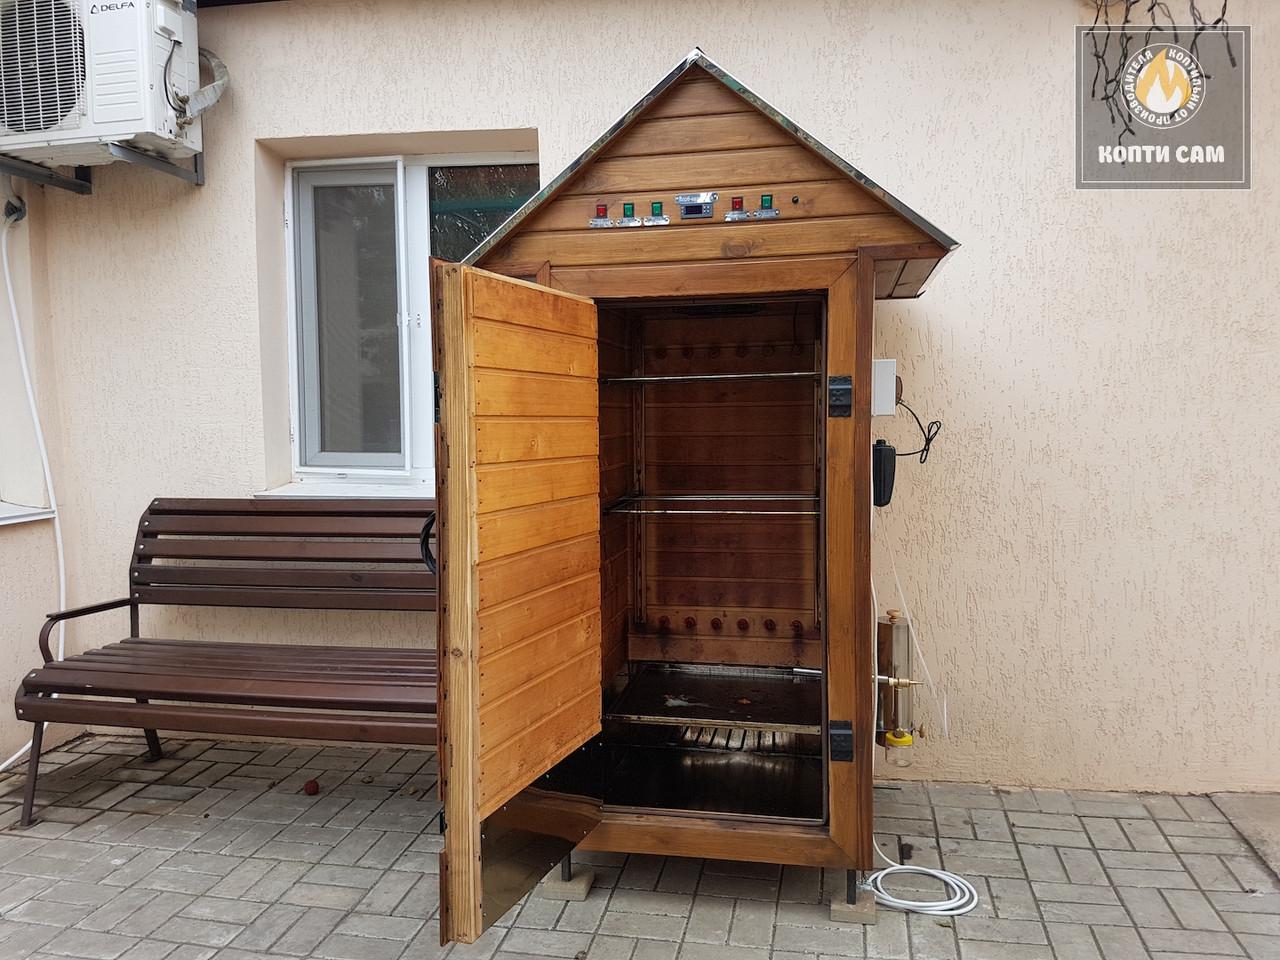 Коптильня 550л -холодного и горячего копчения, +просушка. Ольха внутри, крыша домиком